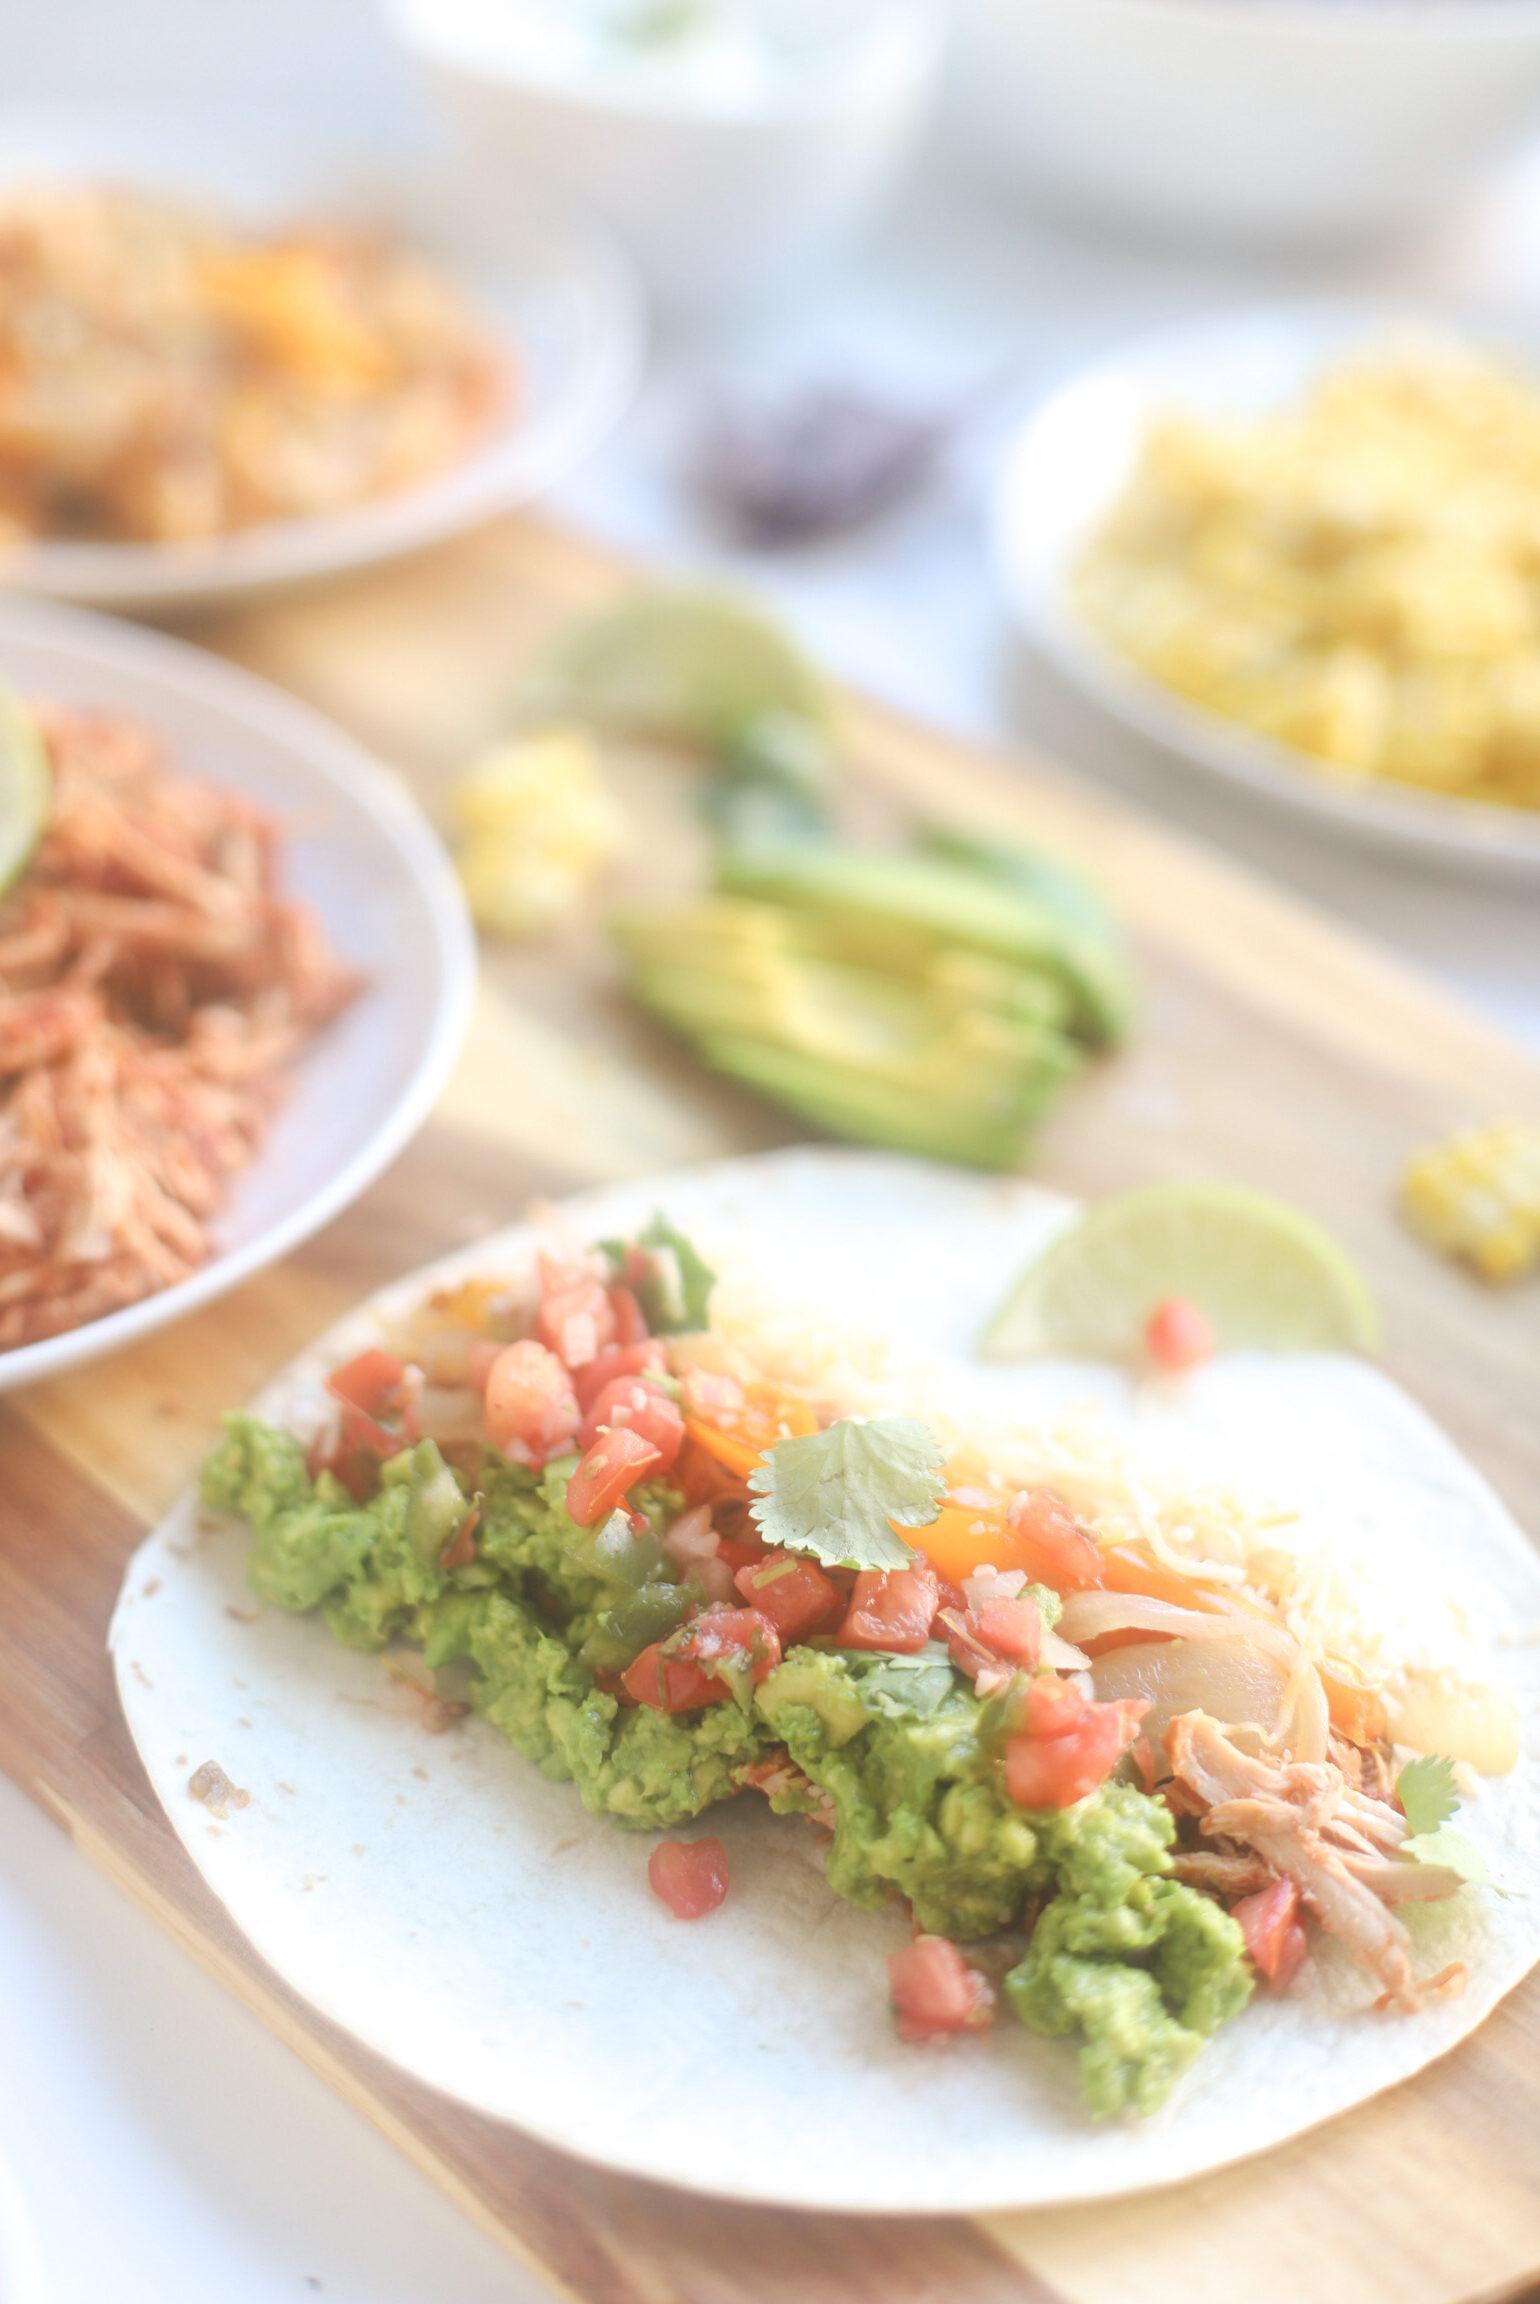 Crockpot Chicken Tacos (Also Known As Salsa Chicken)